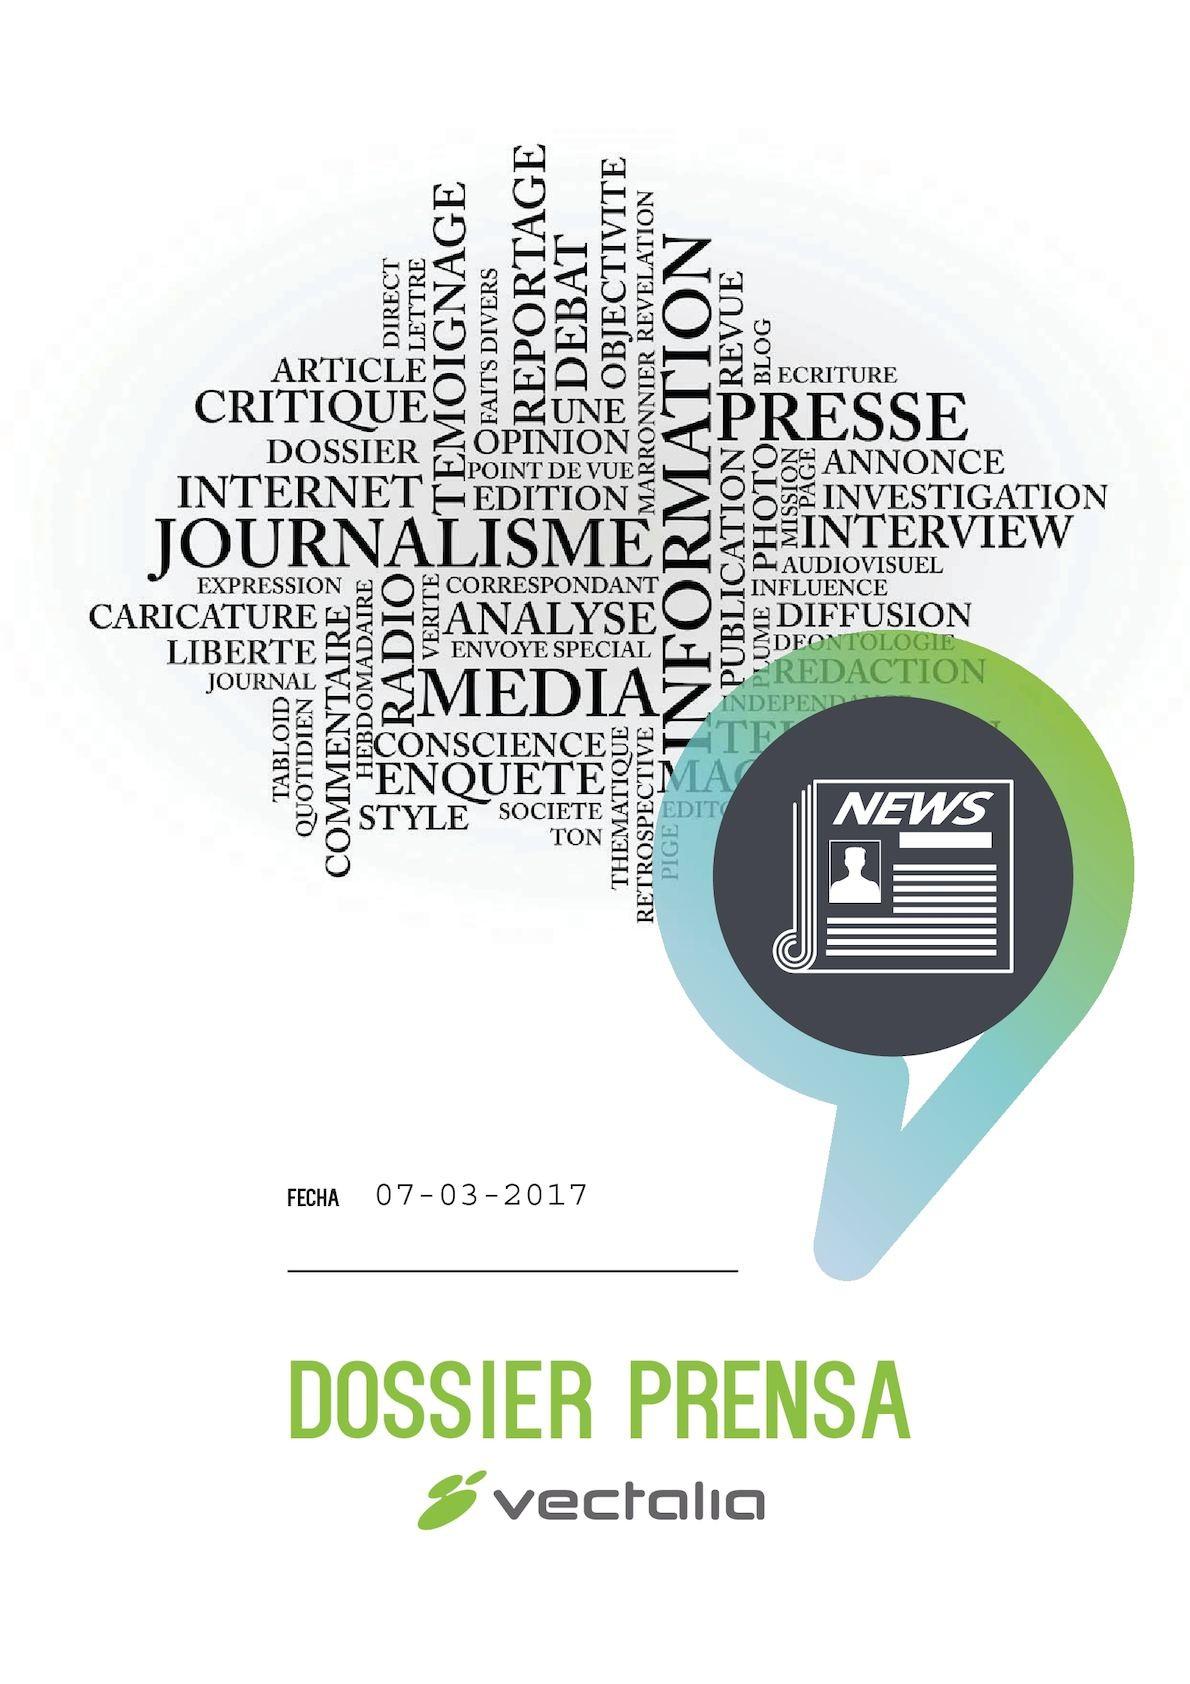 Calendario Escolar Fallas 2019 Más Caliente Calaméo Dossier Prensa Martes 7 De Marzo De 2017